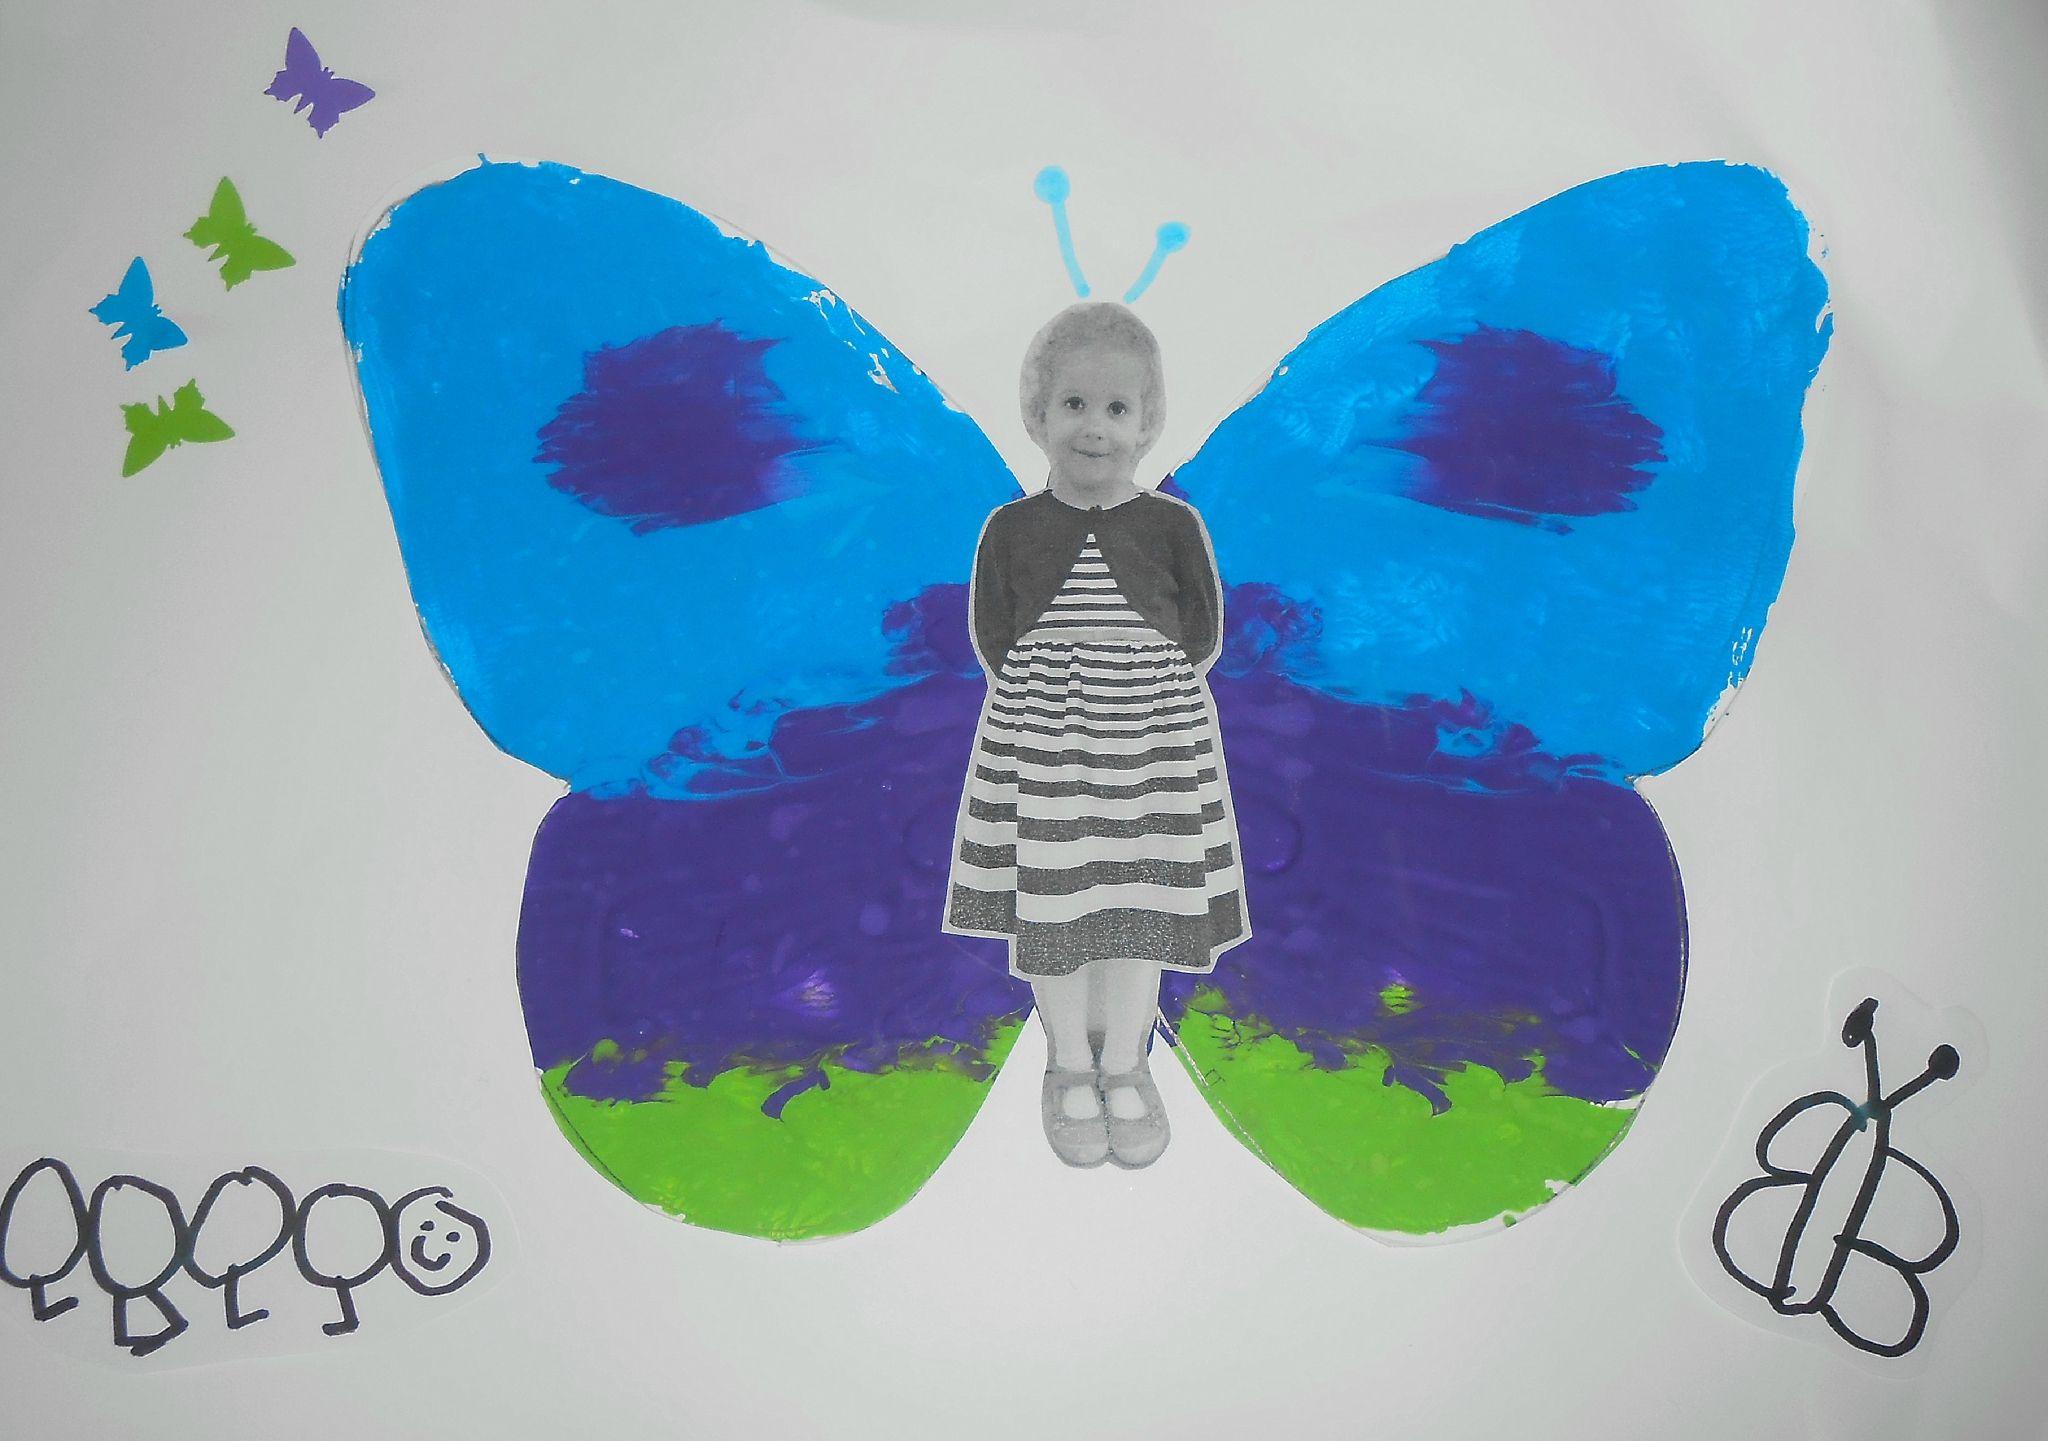 Papillon activit manuelle maternelle peinture photo sym trie facile simple enfant enfants 1 - Activite manuelle 1 an ...